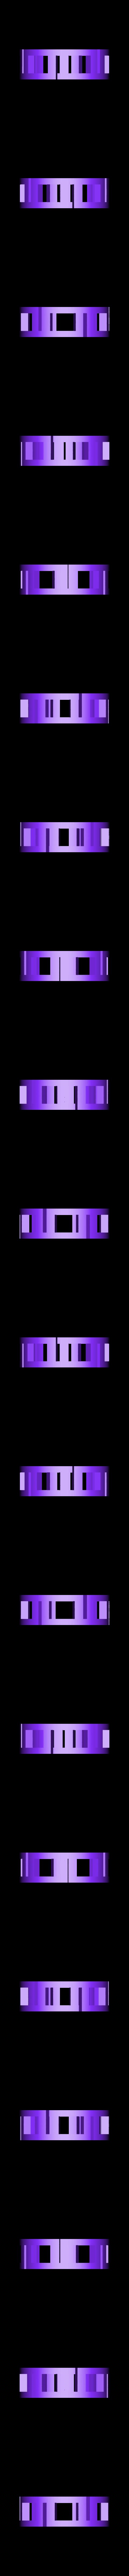 18082018.stl Télécharger fichier STL gratuit 18082018 • Objet pour impression 3D, tulukdesign